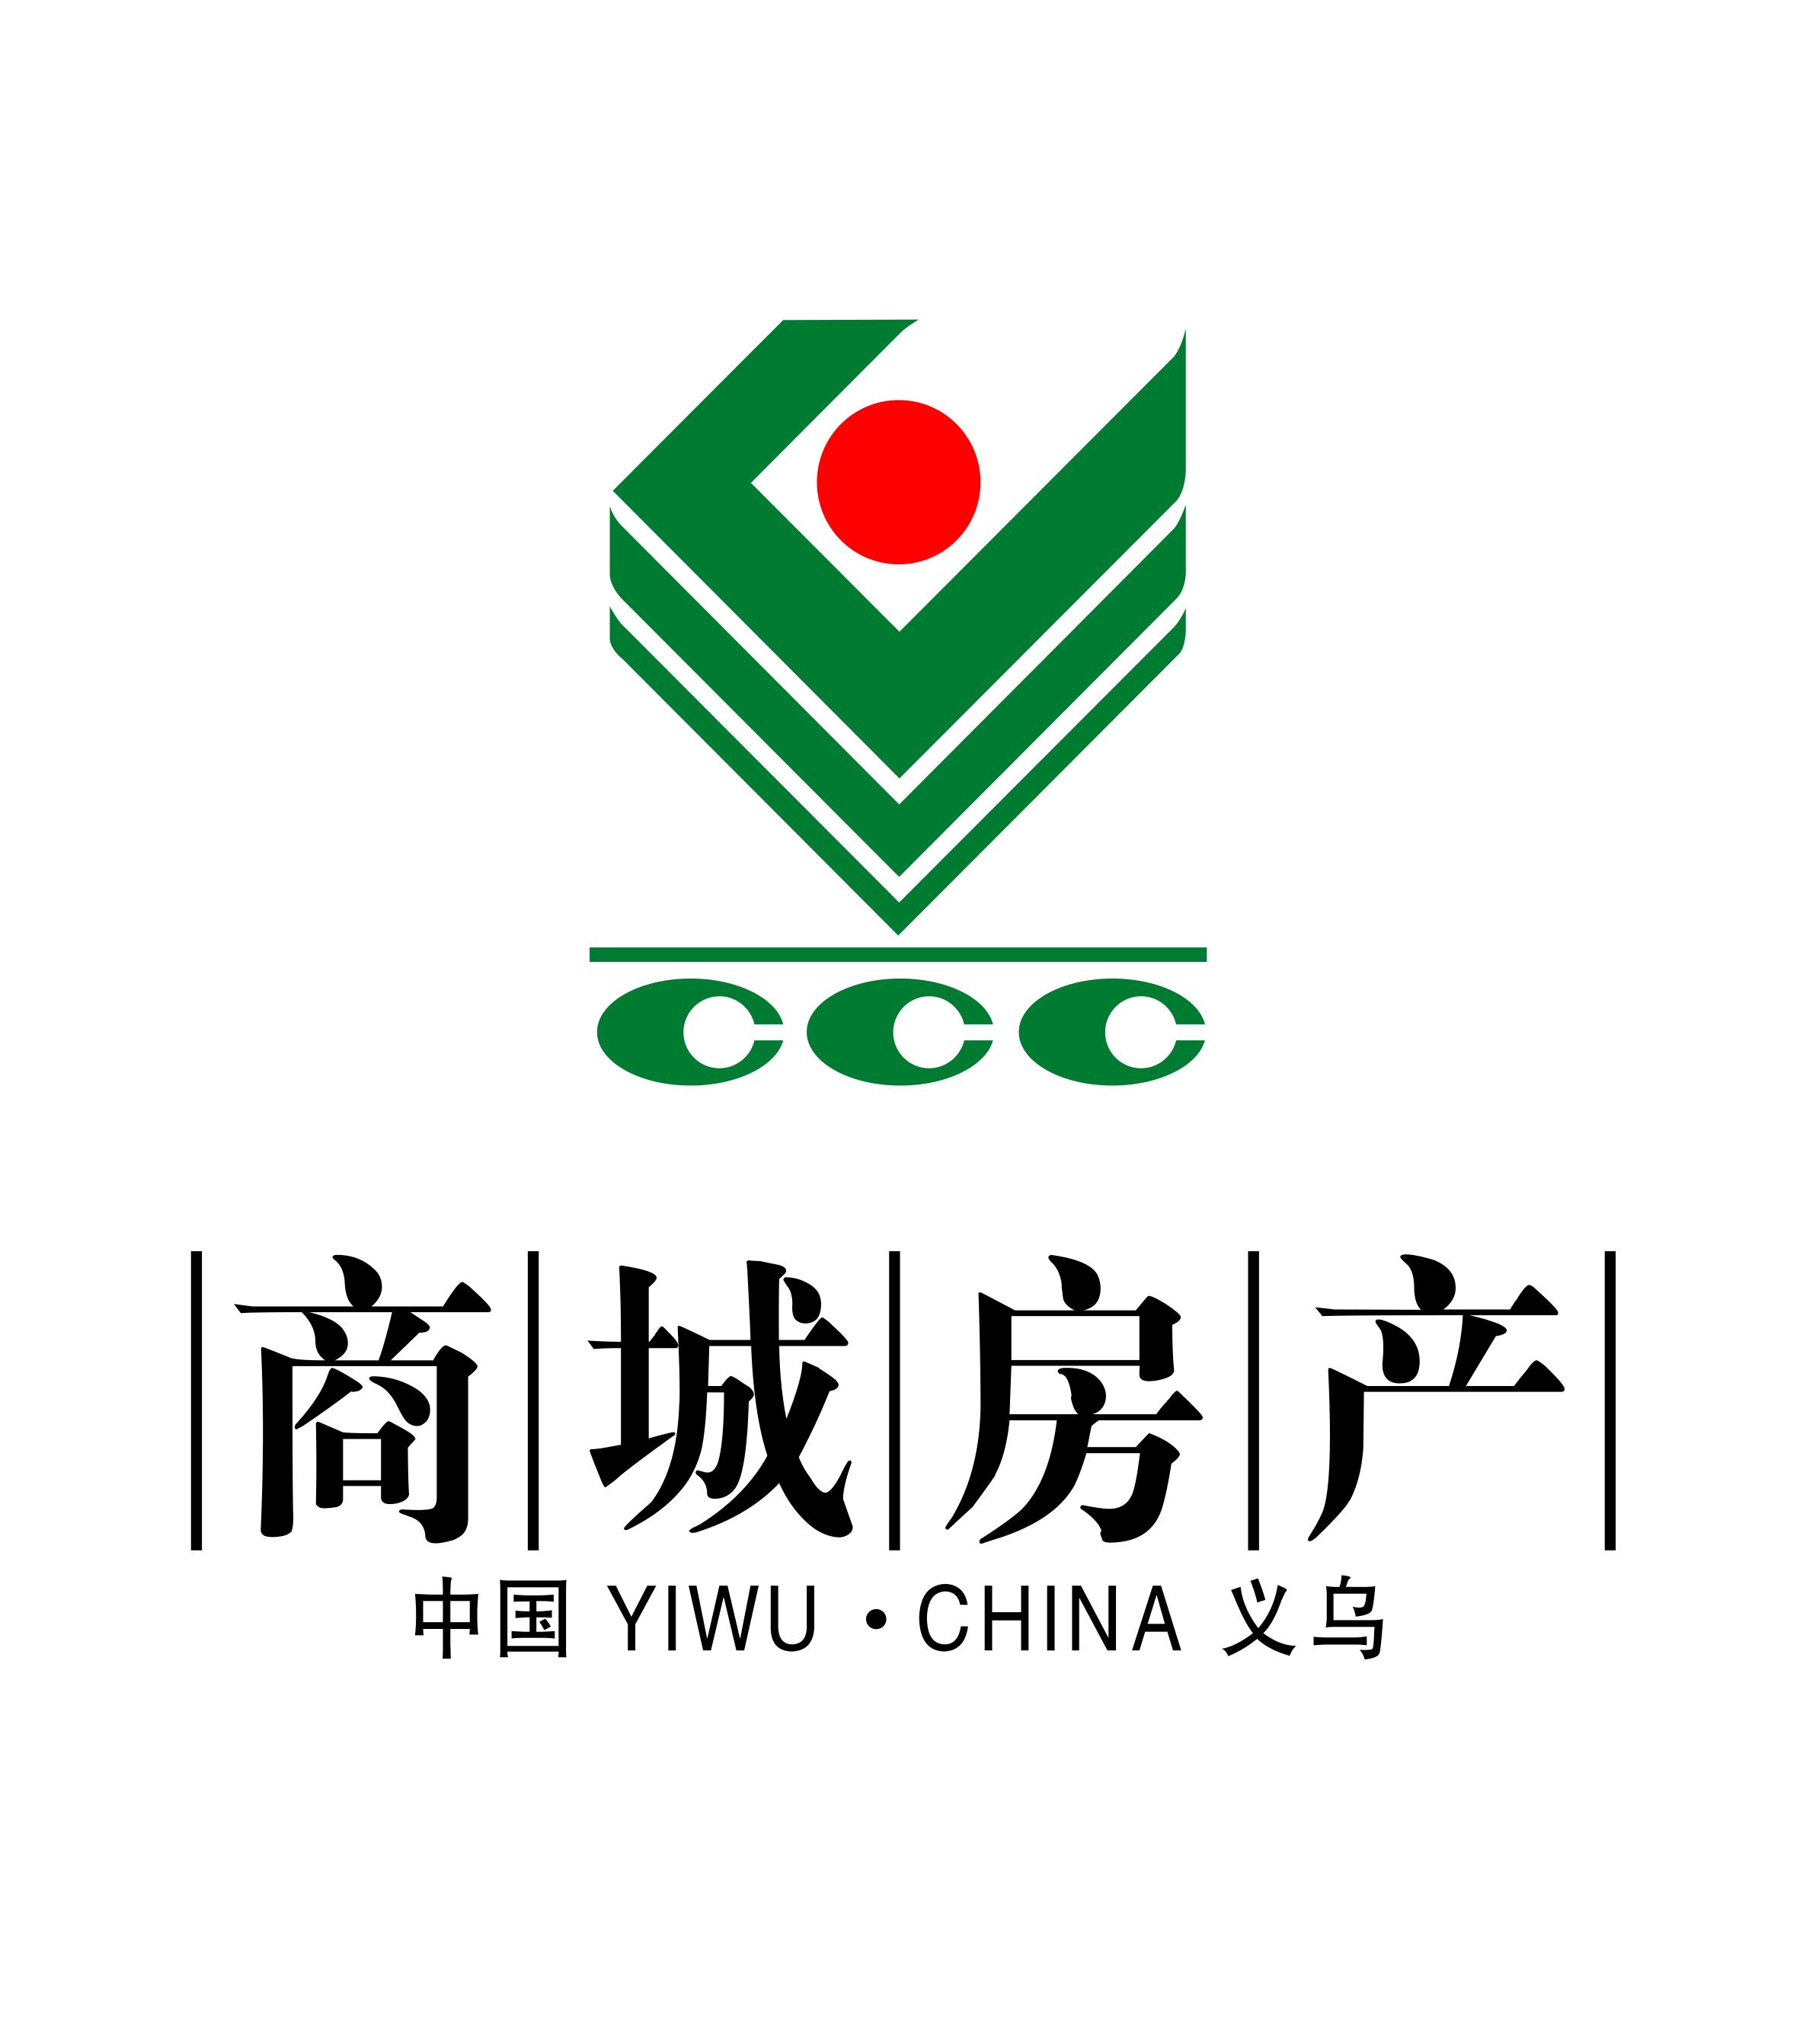 義烏中國小商品城房地產開發有限公司